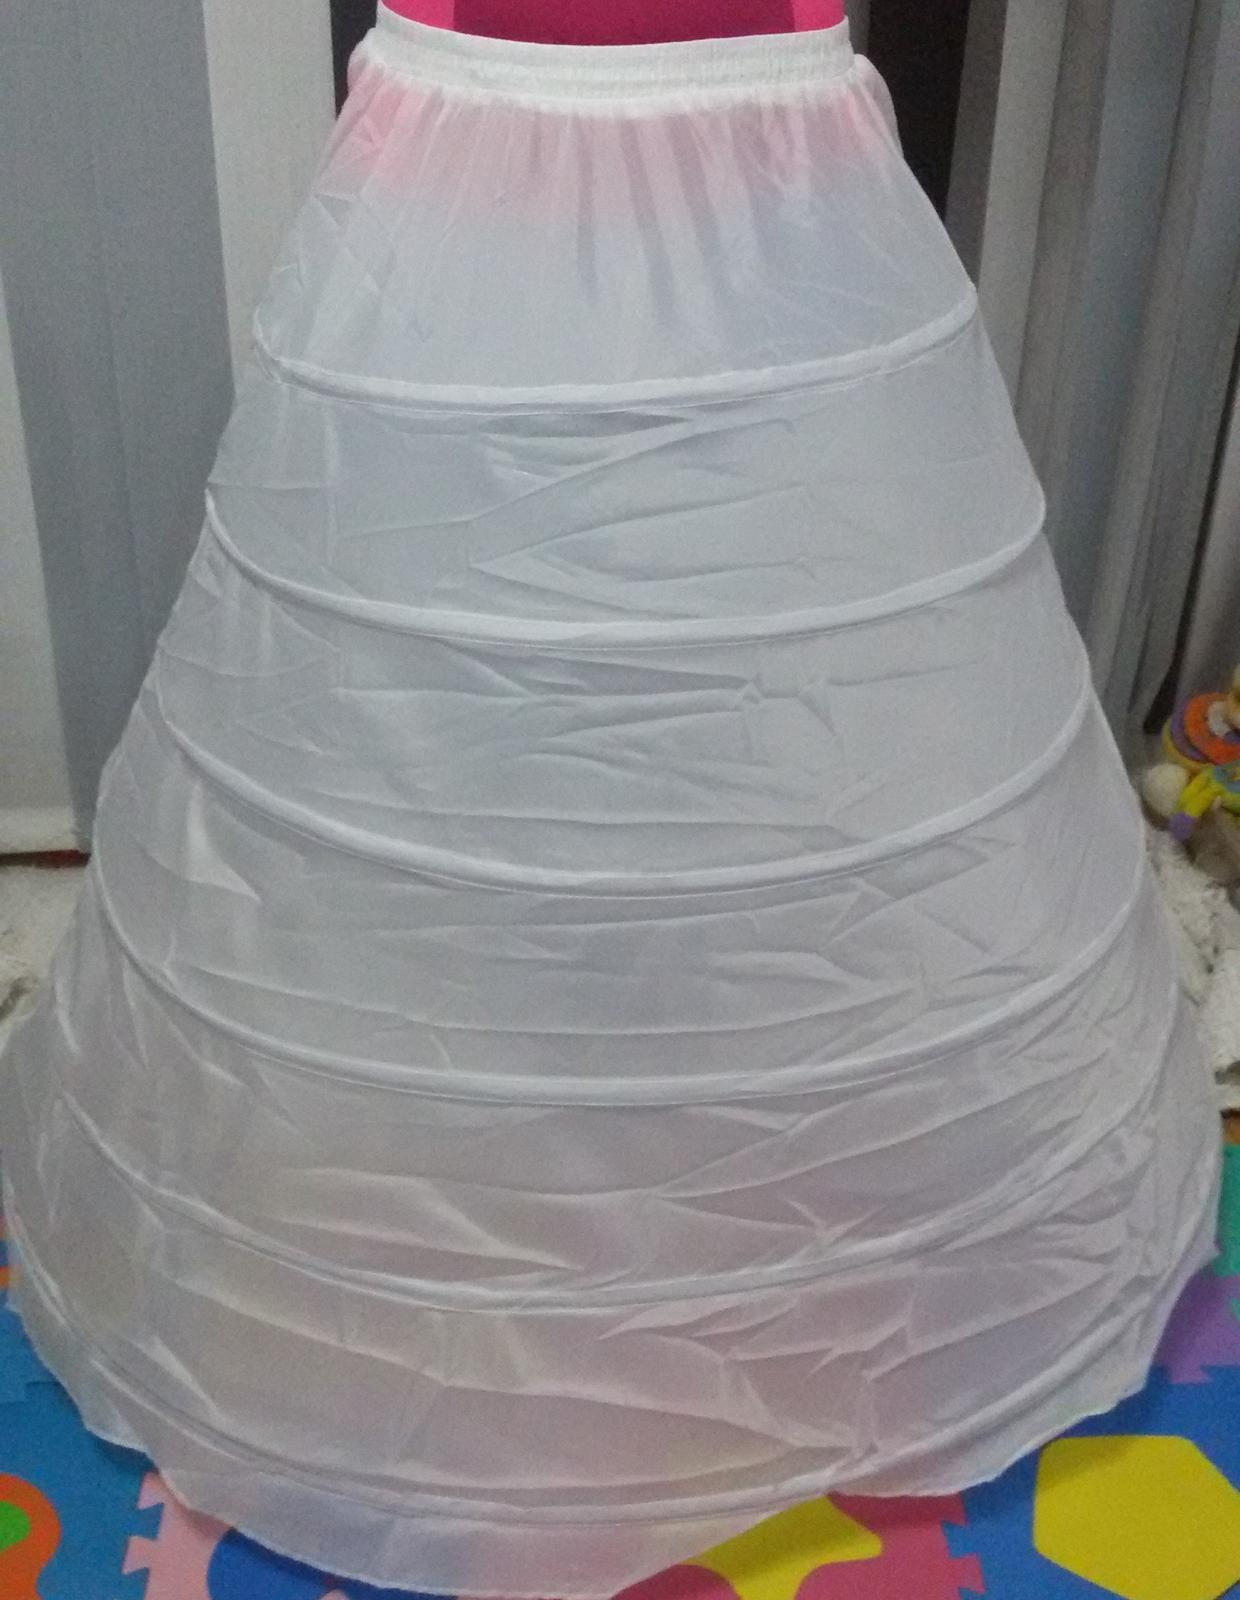 6 ti kruhová spodnička spodnice nepoužitá - Obrázek č. 2